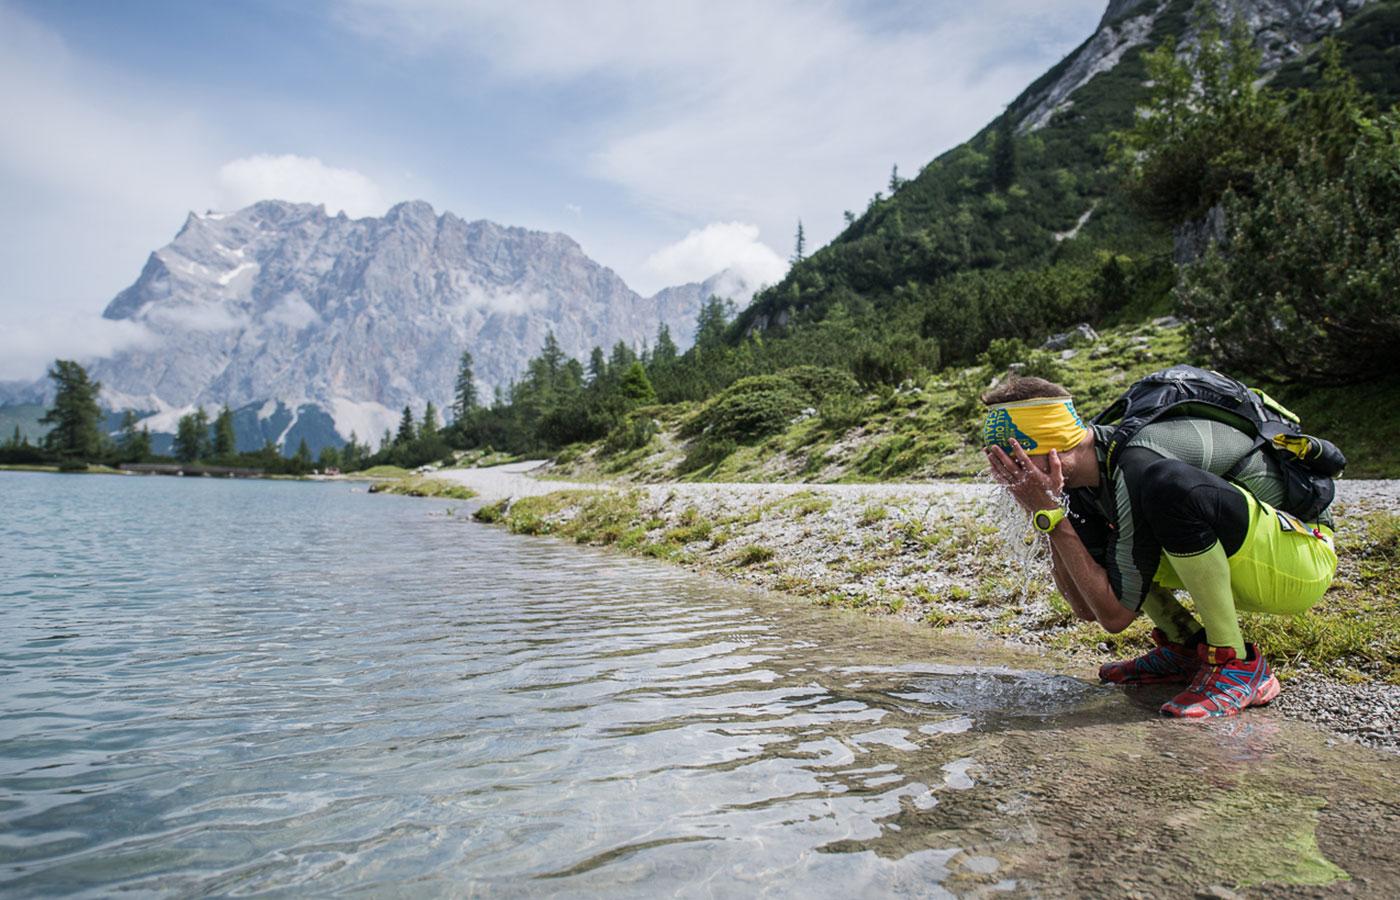 zugspitz-trailrun-challenge-seebensee